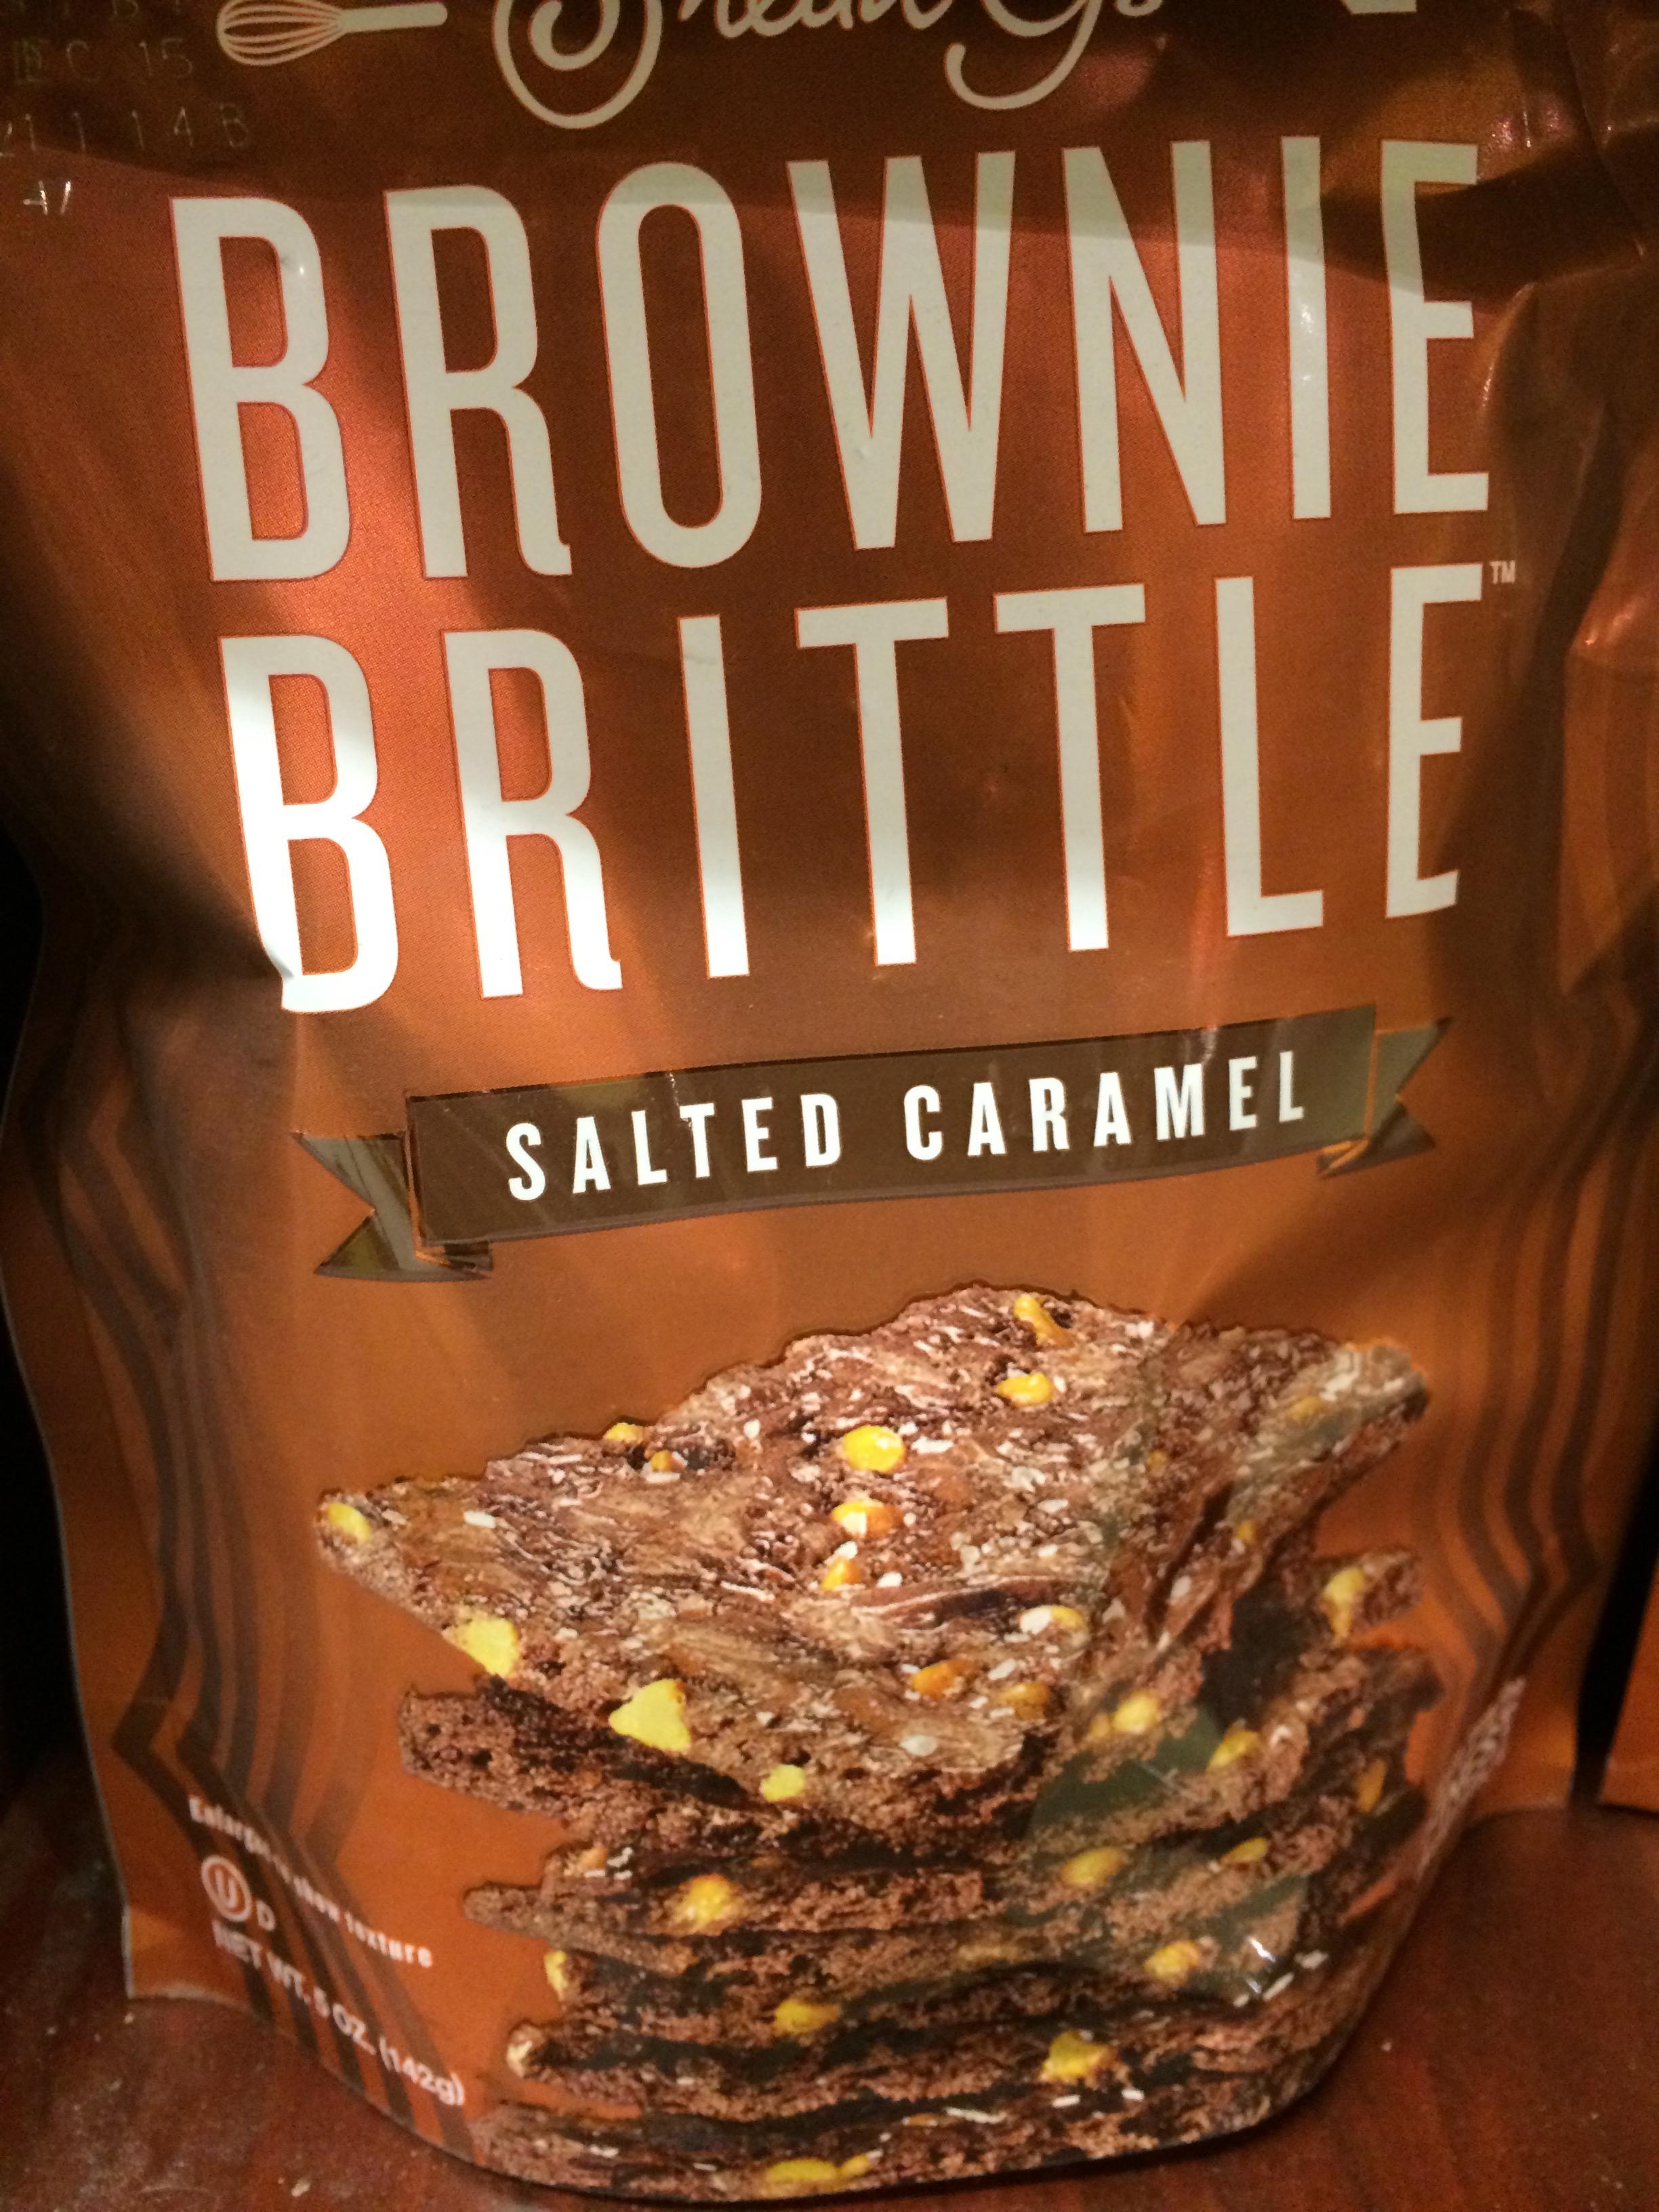 Brownie Brittle, Candy & Ice Cream